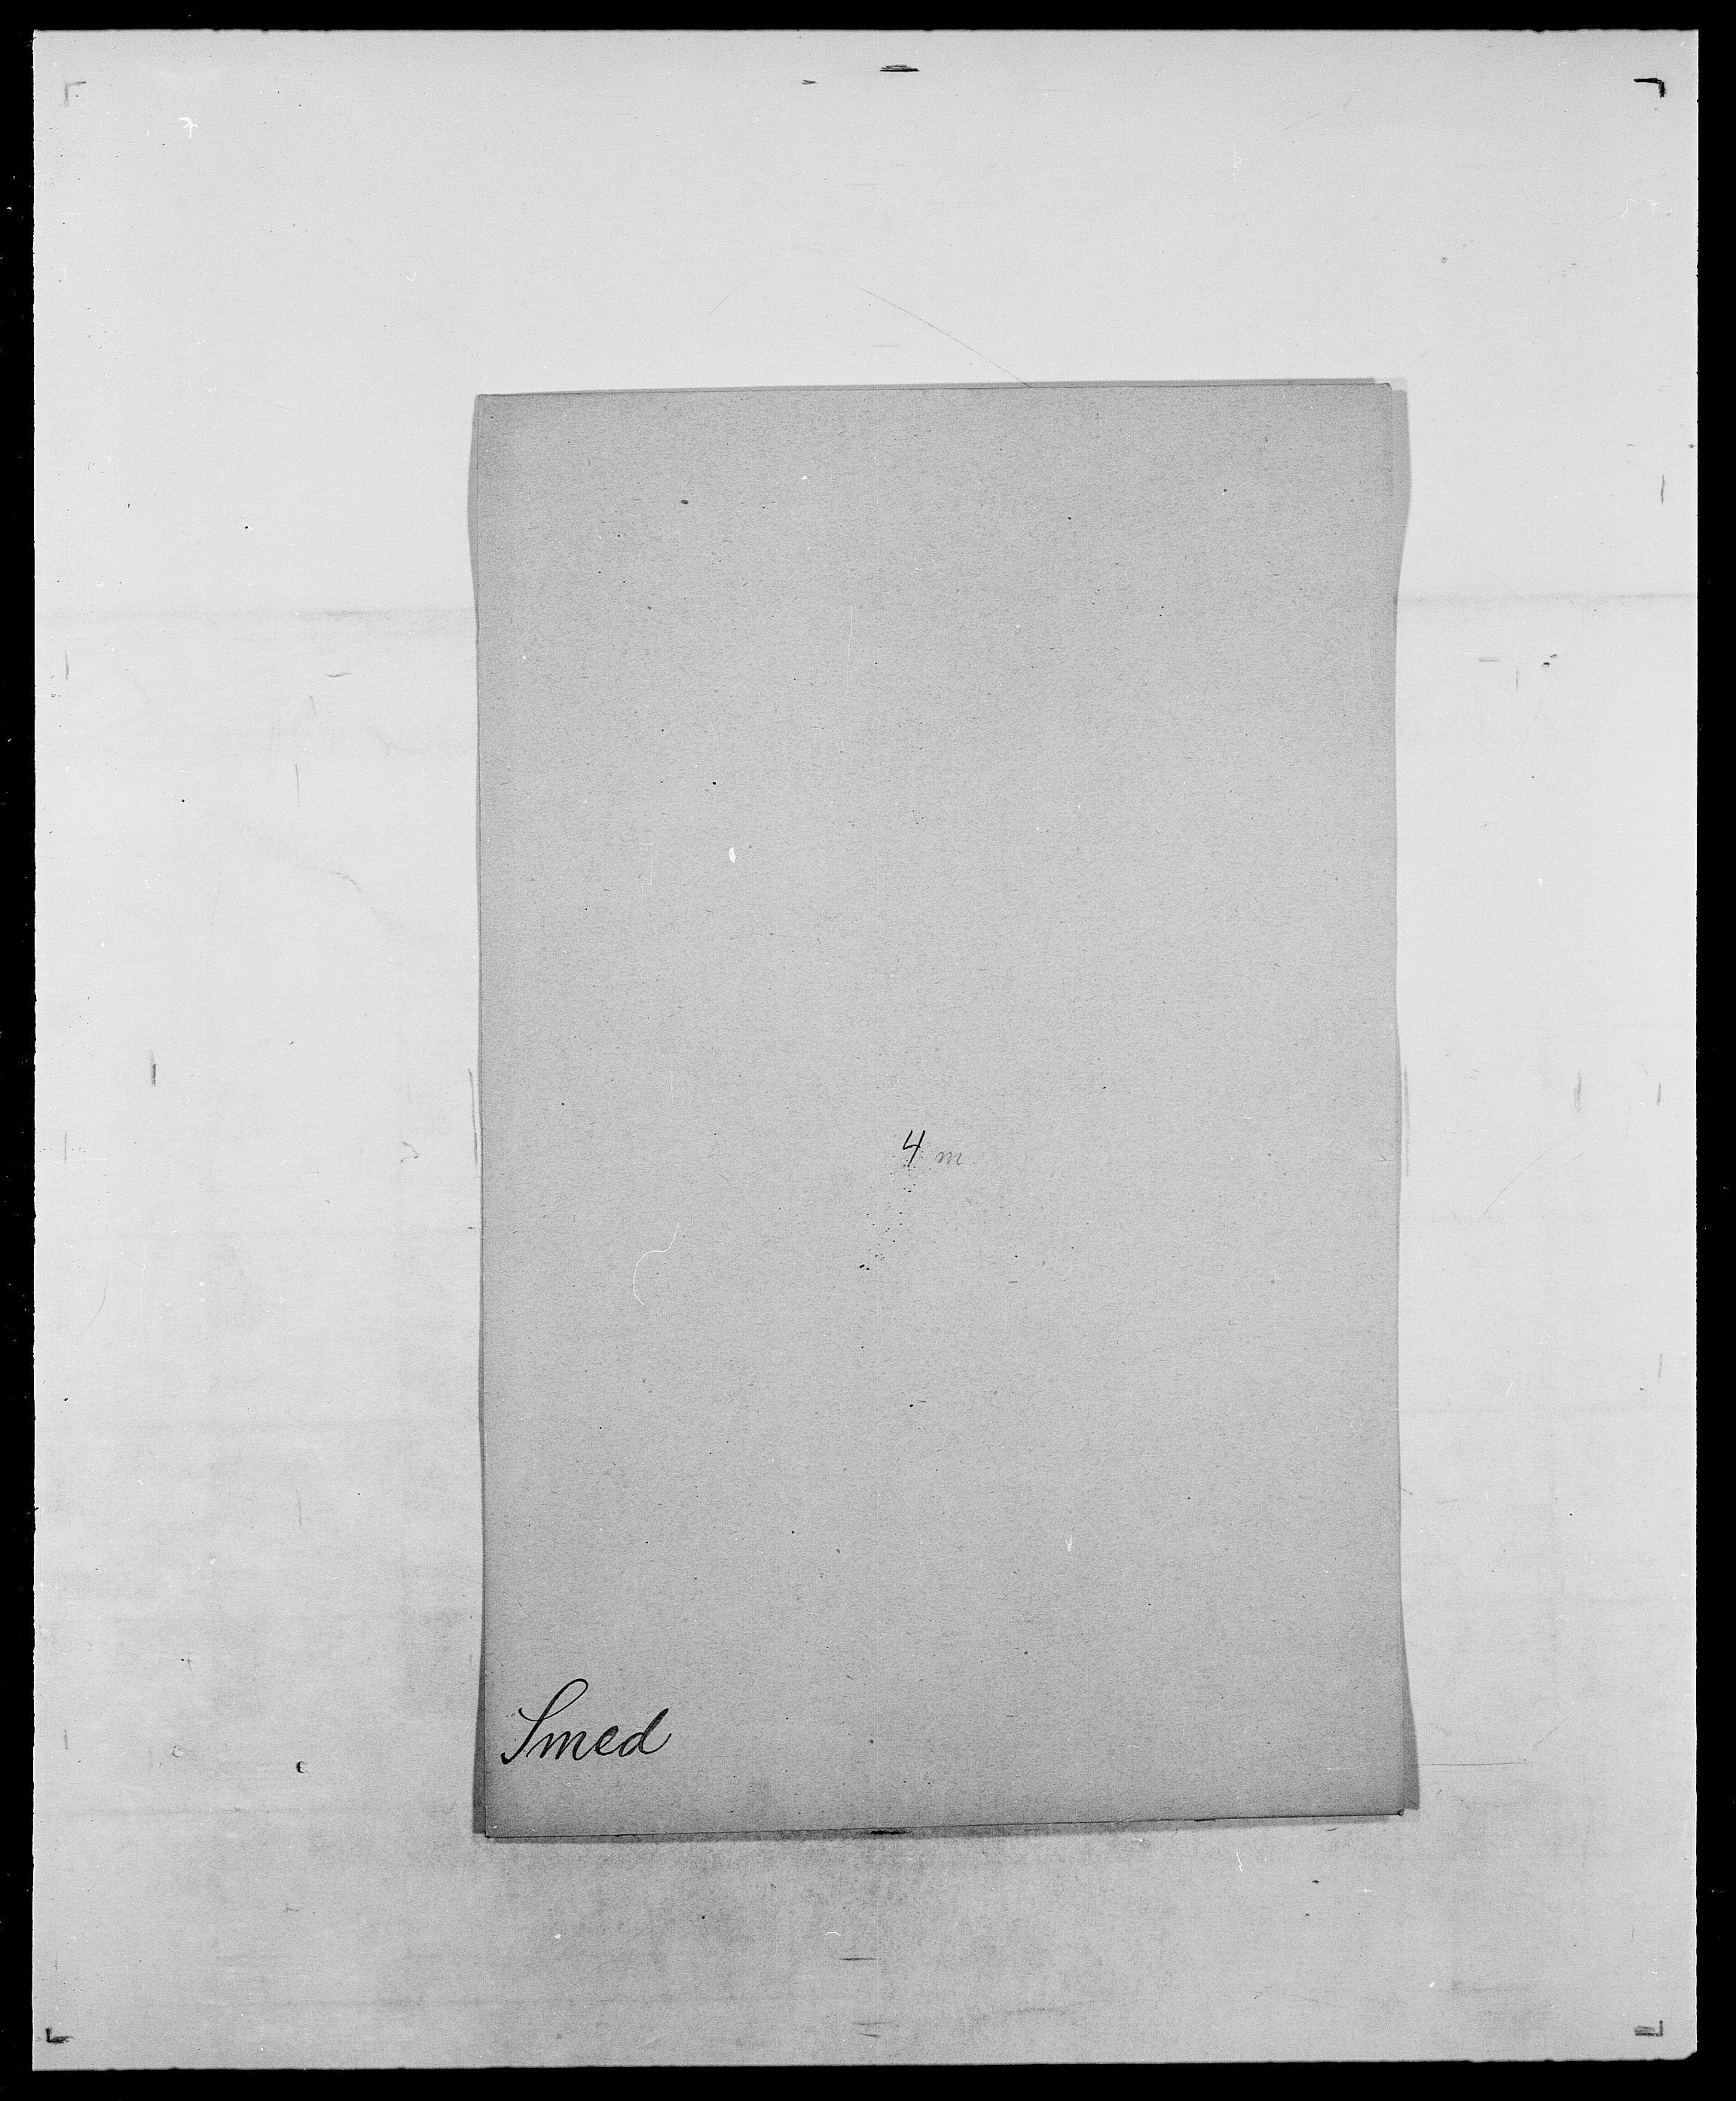 SAO, Delgobe, Charles Antoine - samling, D/Da/L0036: Skaanør - Staverskov, s. 116